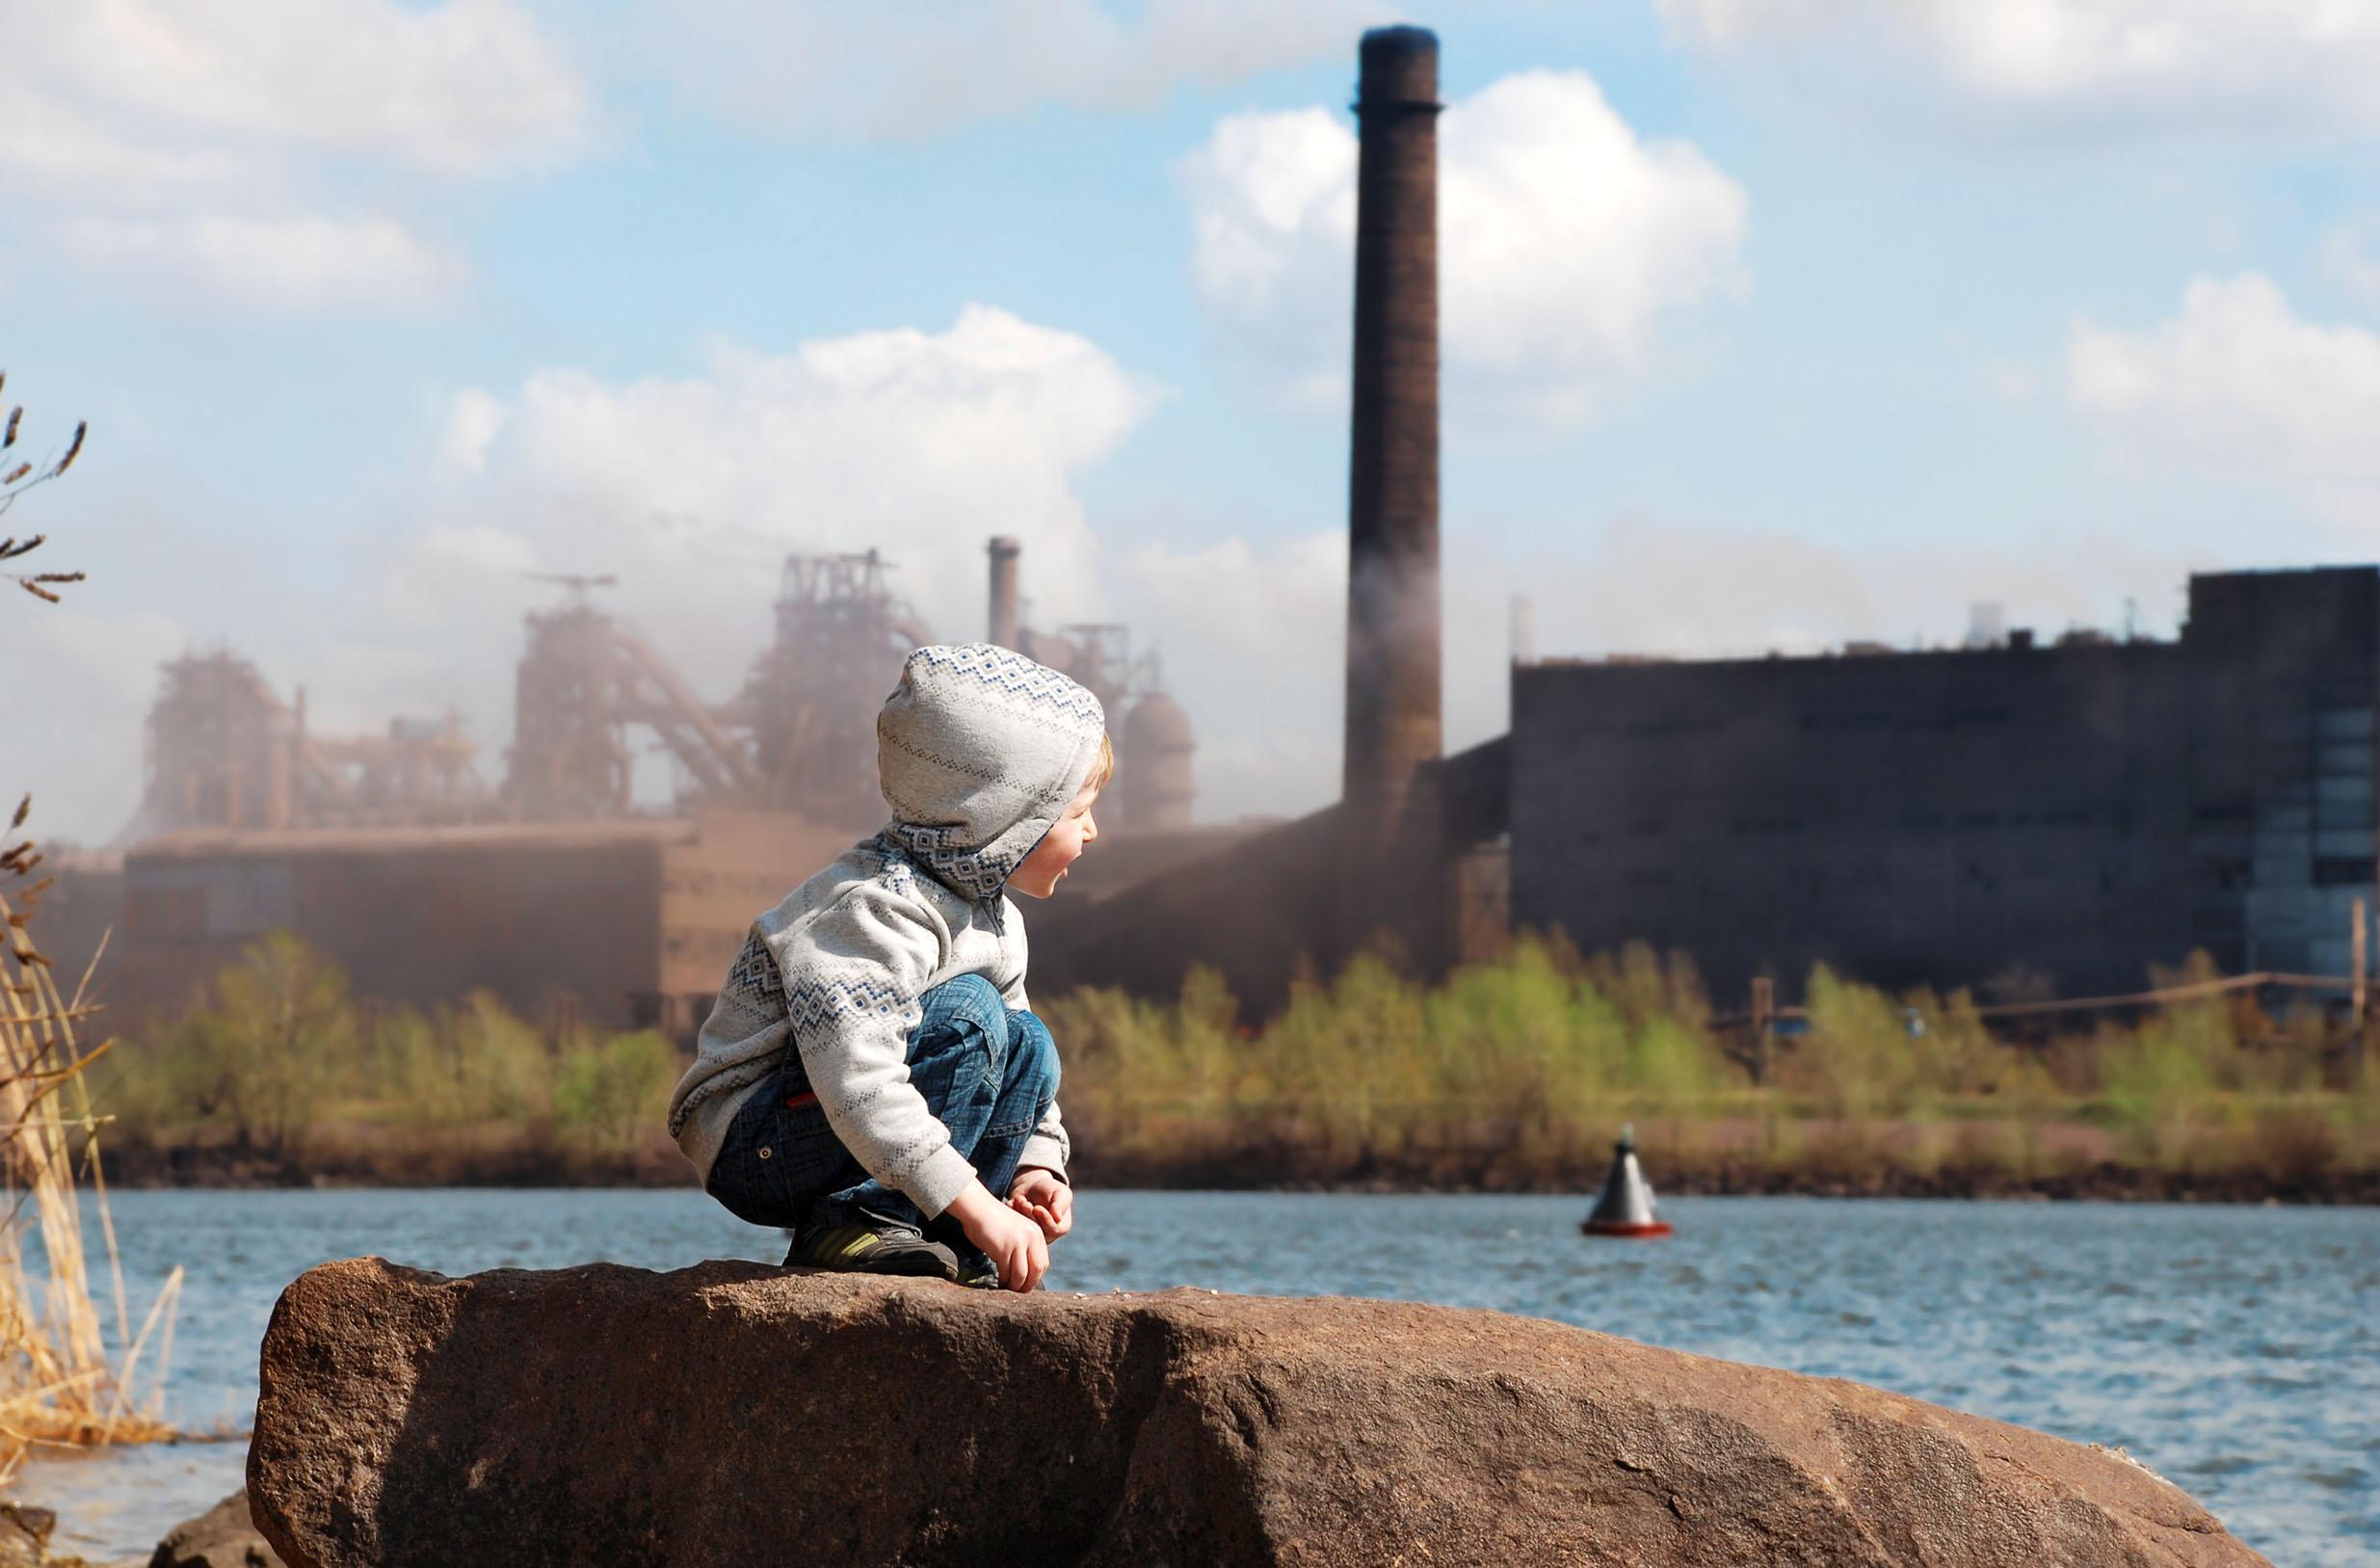 Vivre en zone urbaine polluée augmente de manière significative le risque d'obésité infantile (Visuel Adobe Stock 40753847)